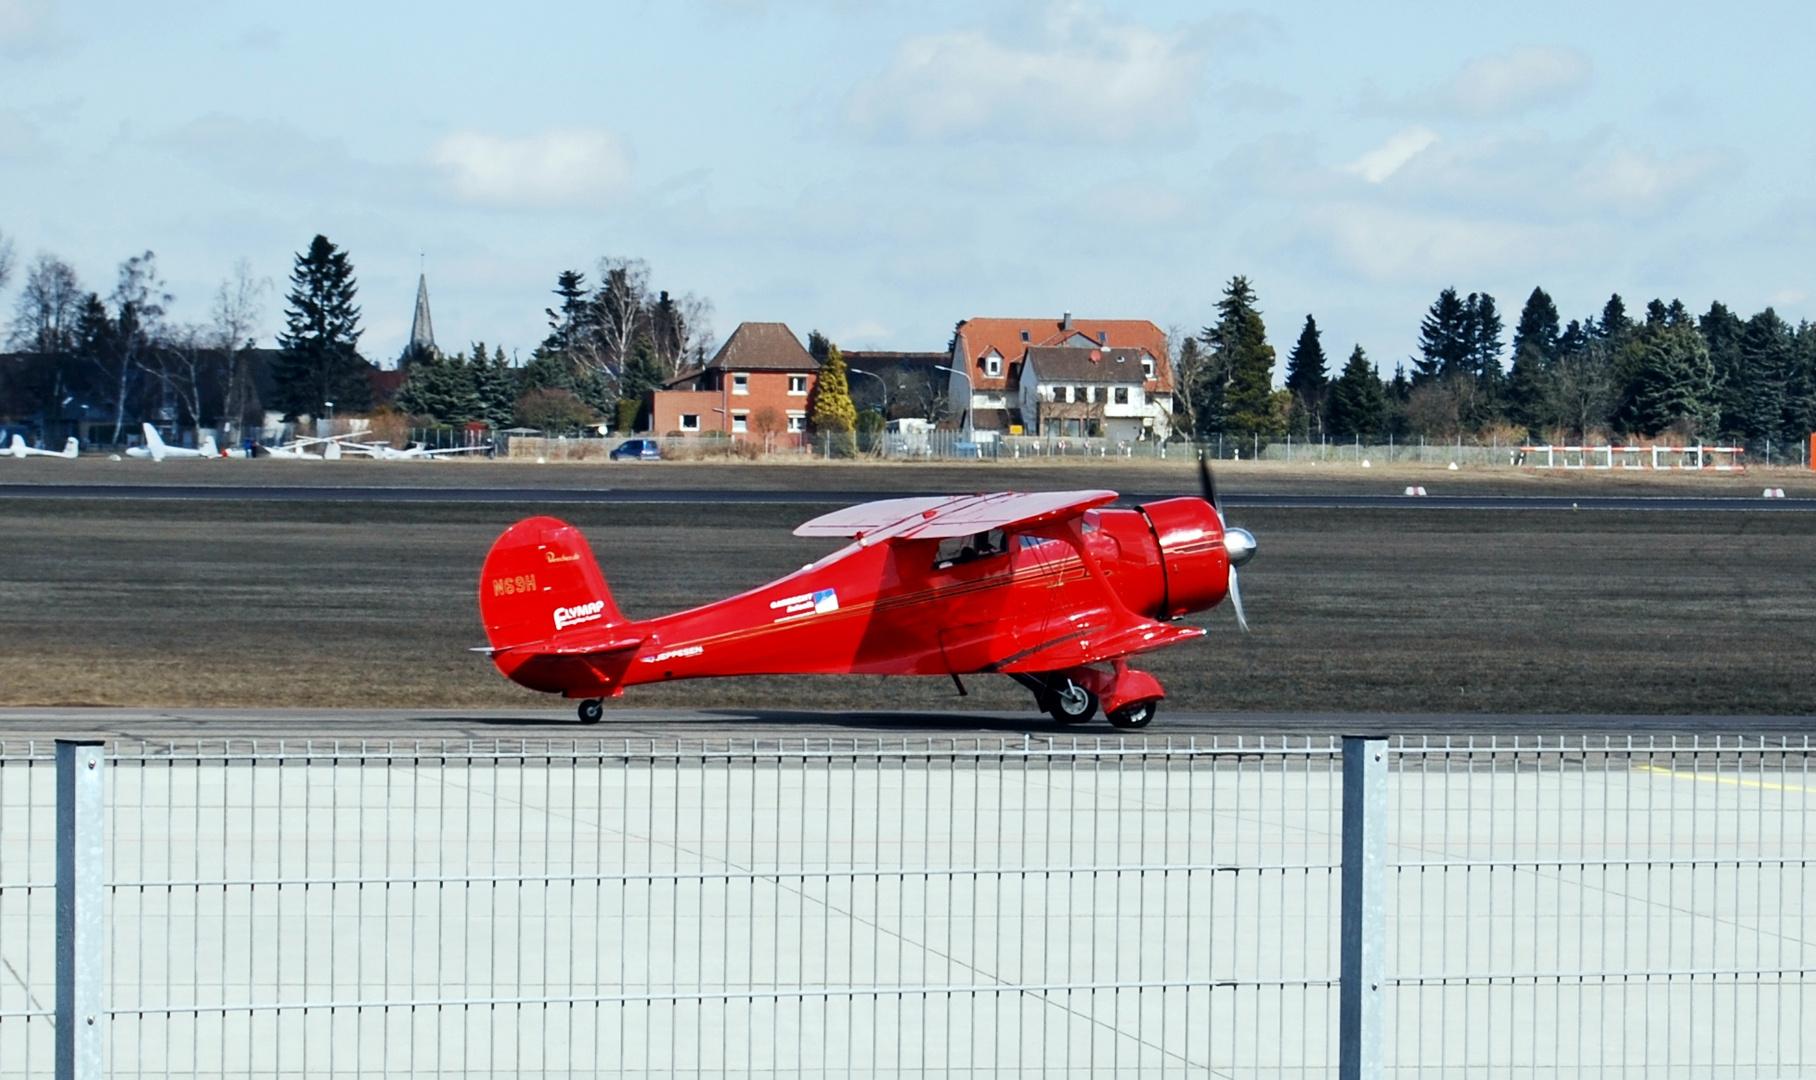 Flughafen Waggum/Braunschweig